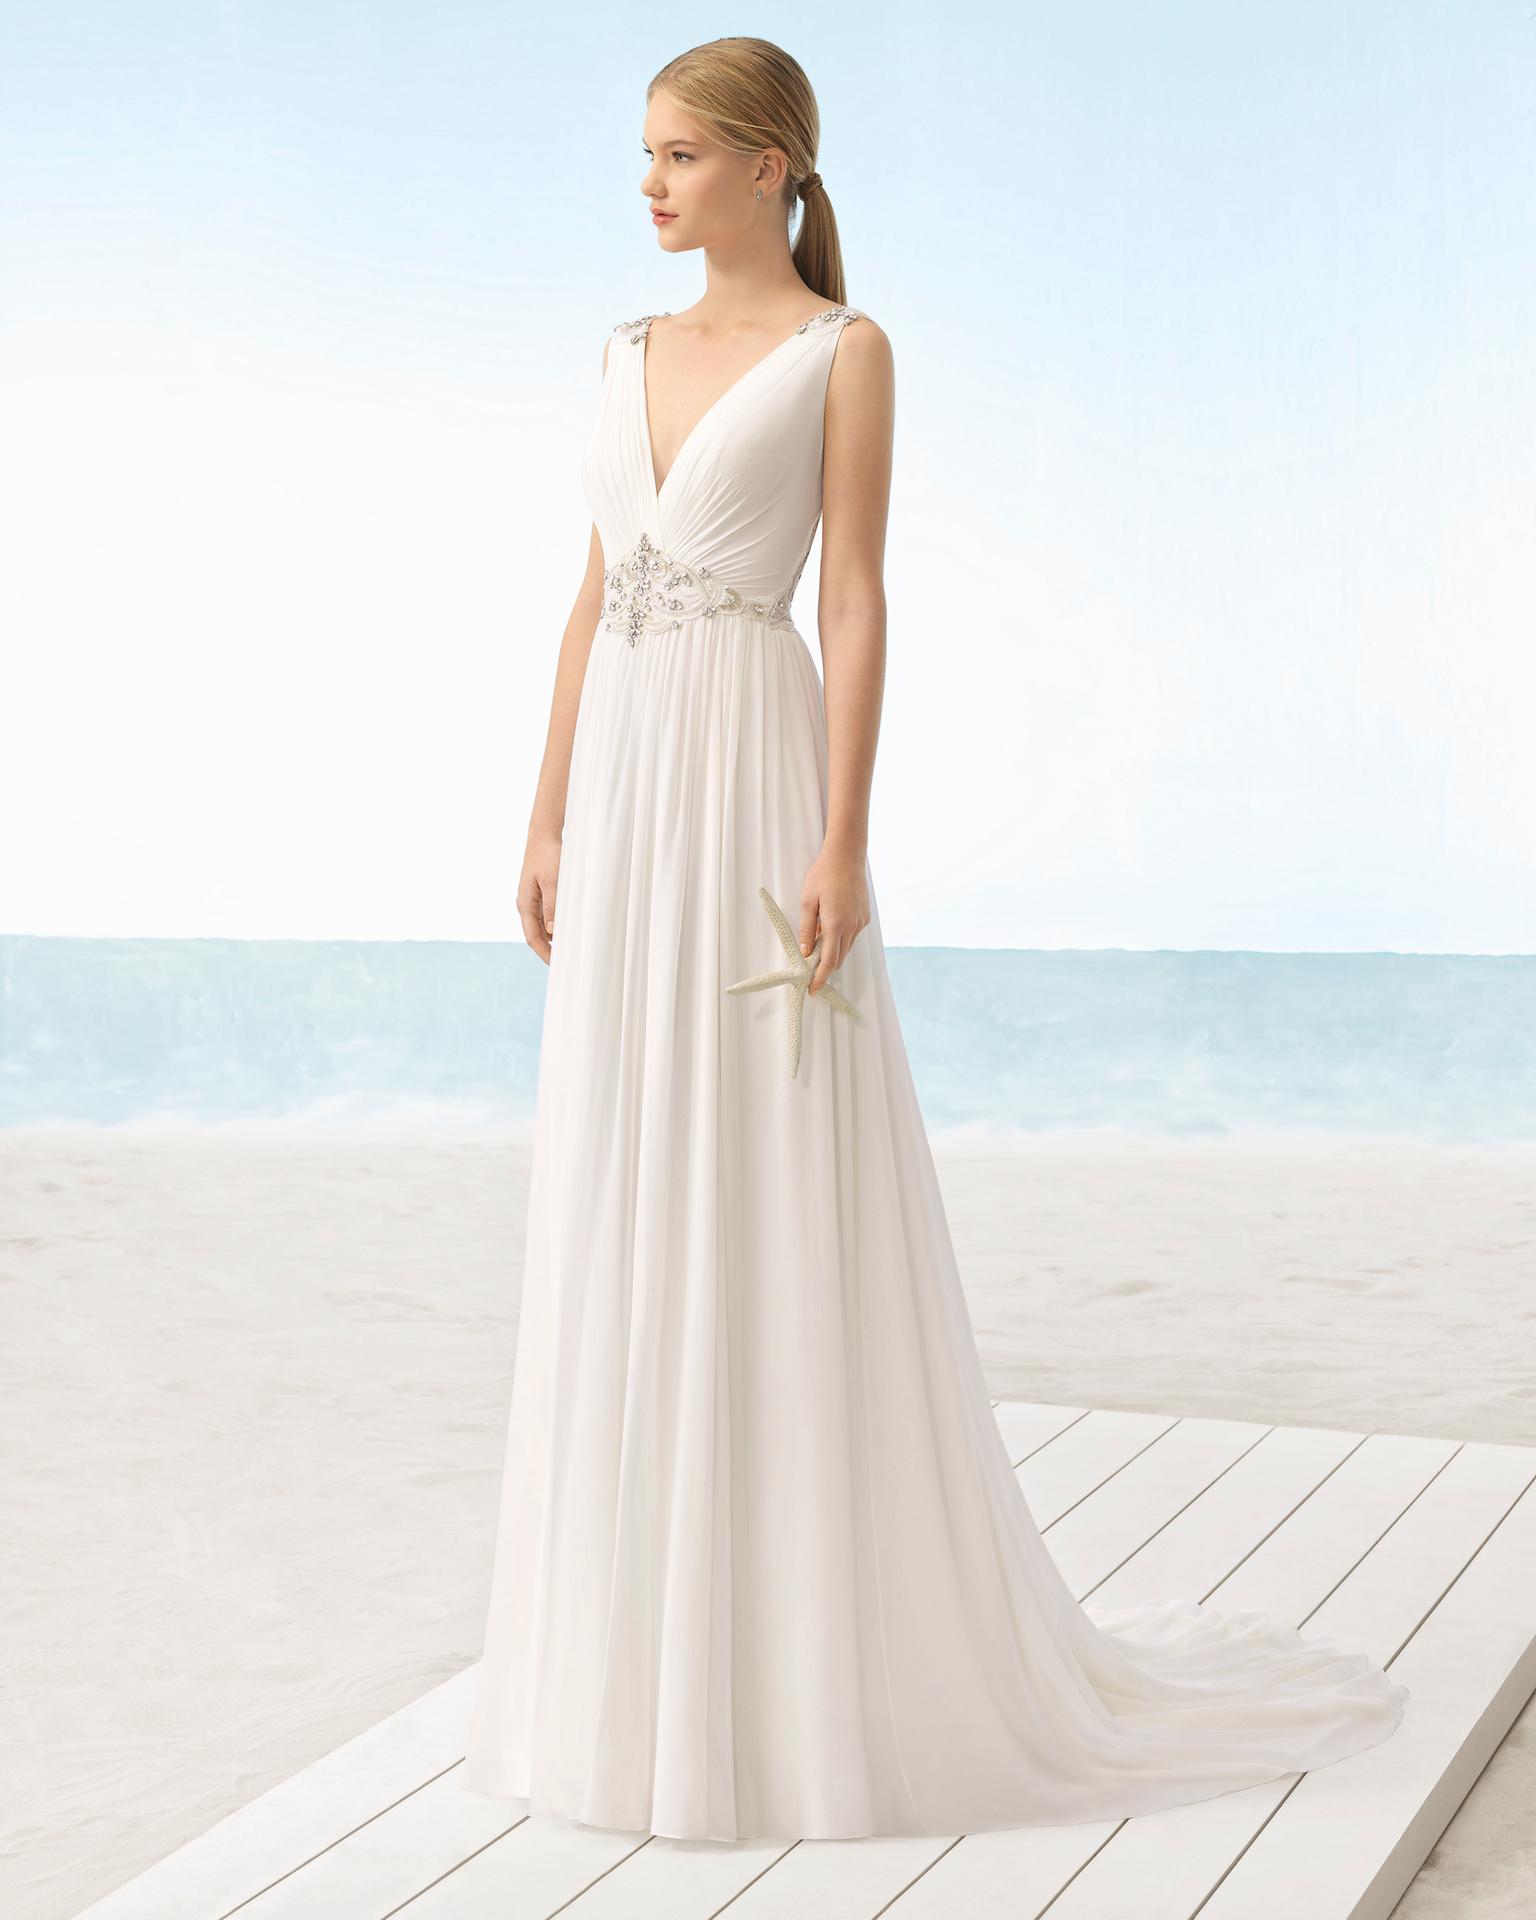 Robe de mariée style bohème en gaze de soie, col en V et dos bijou avec motifs de pierreries.